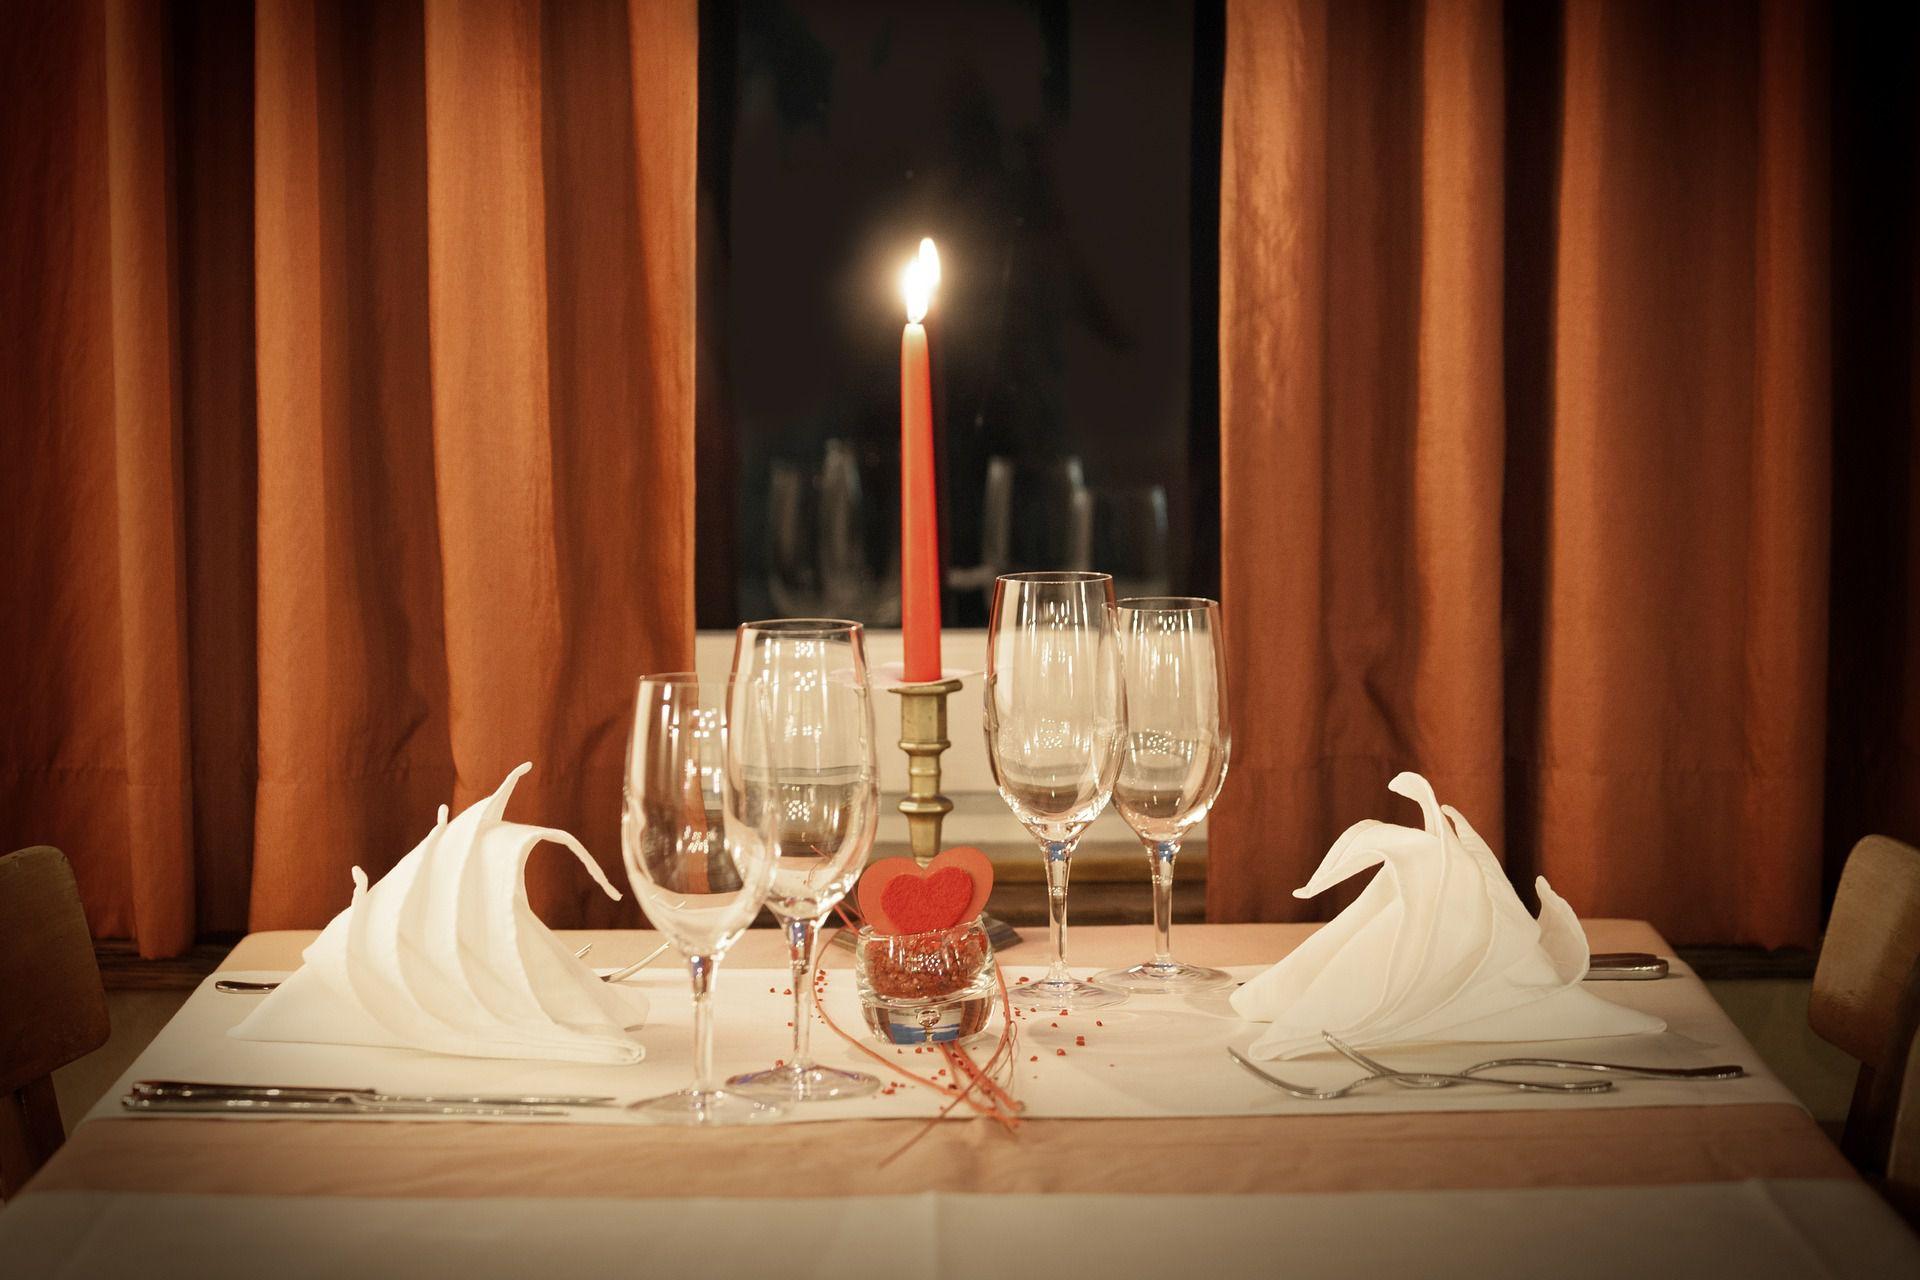 Organiser une soir e romantique pour son homme fashion designs - Organiser une soiree romantique ...